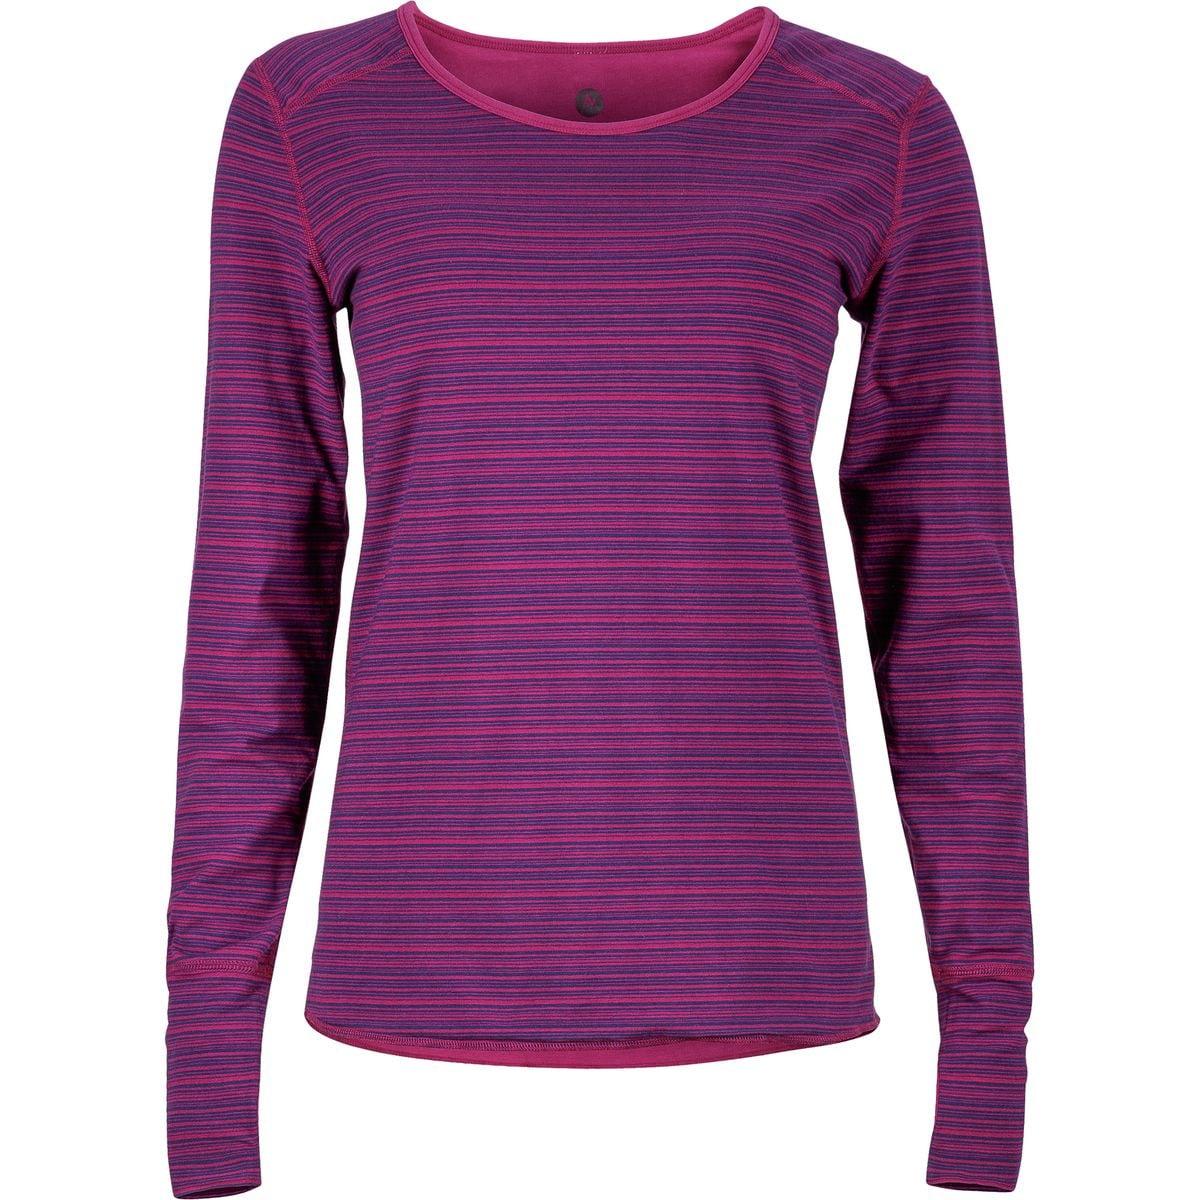 Marmot Hannah Reversible Shirt - Women